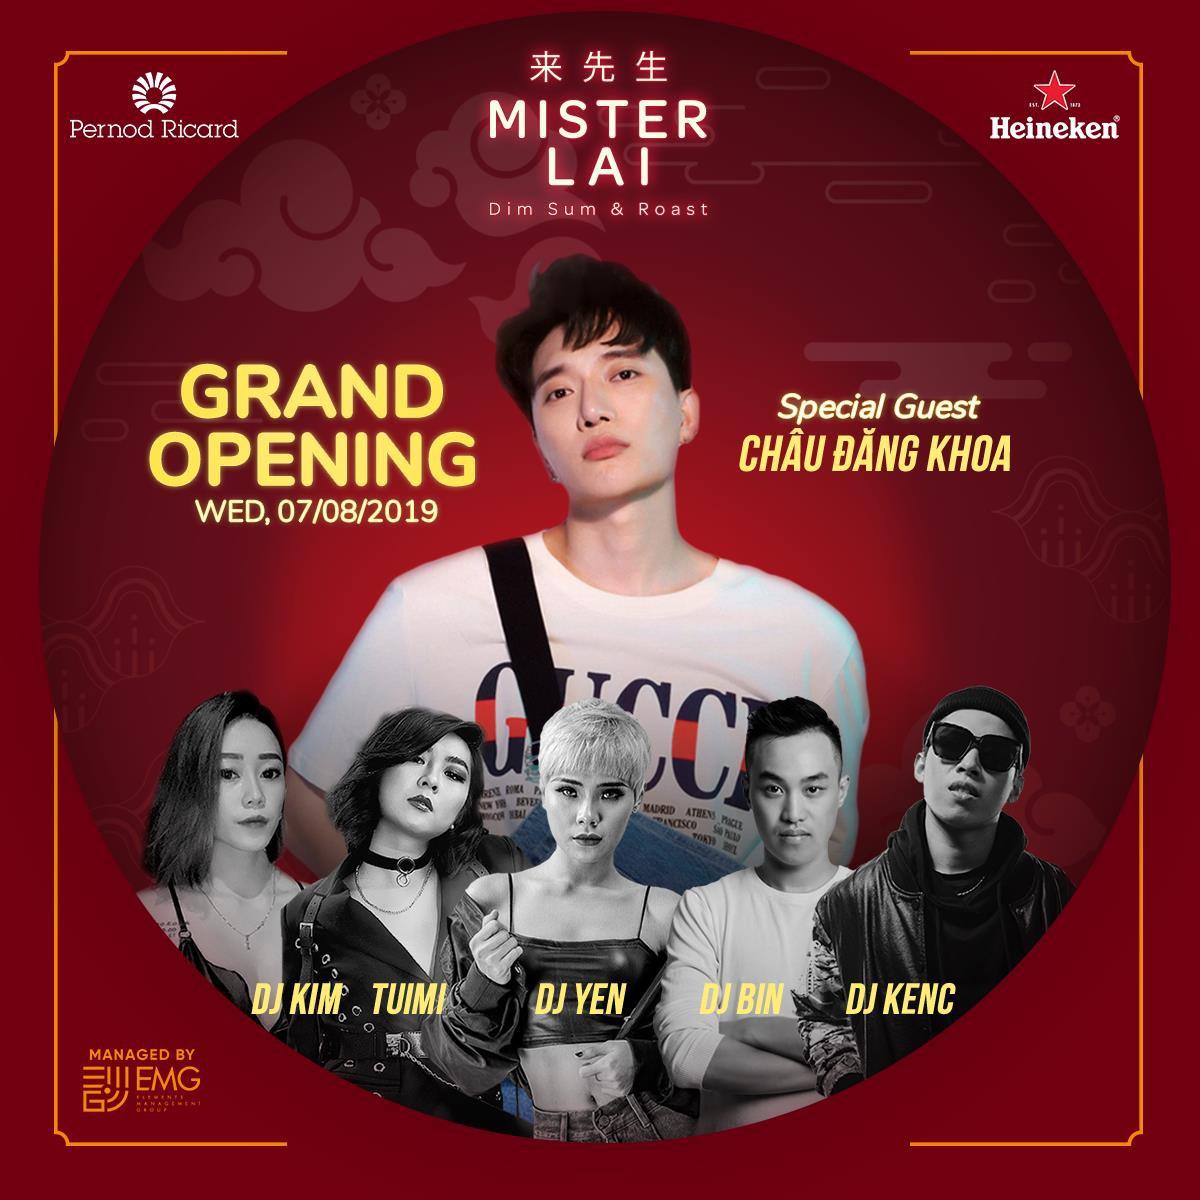 Châu Đăng Khoa, Tuimi sẽ khuấy động Nha Trang trong grand opening Mister Lai - Ảnh 1.